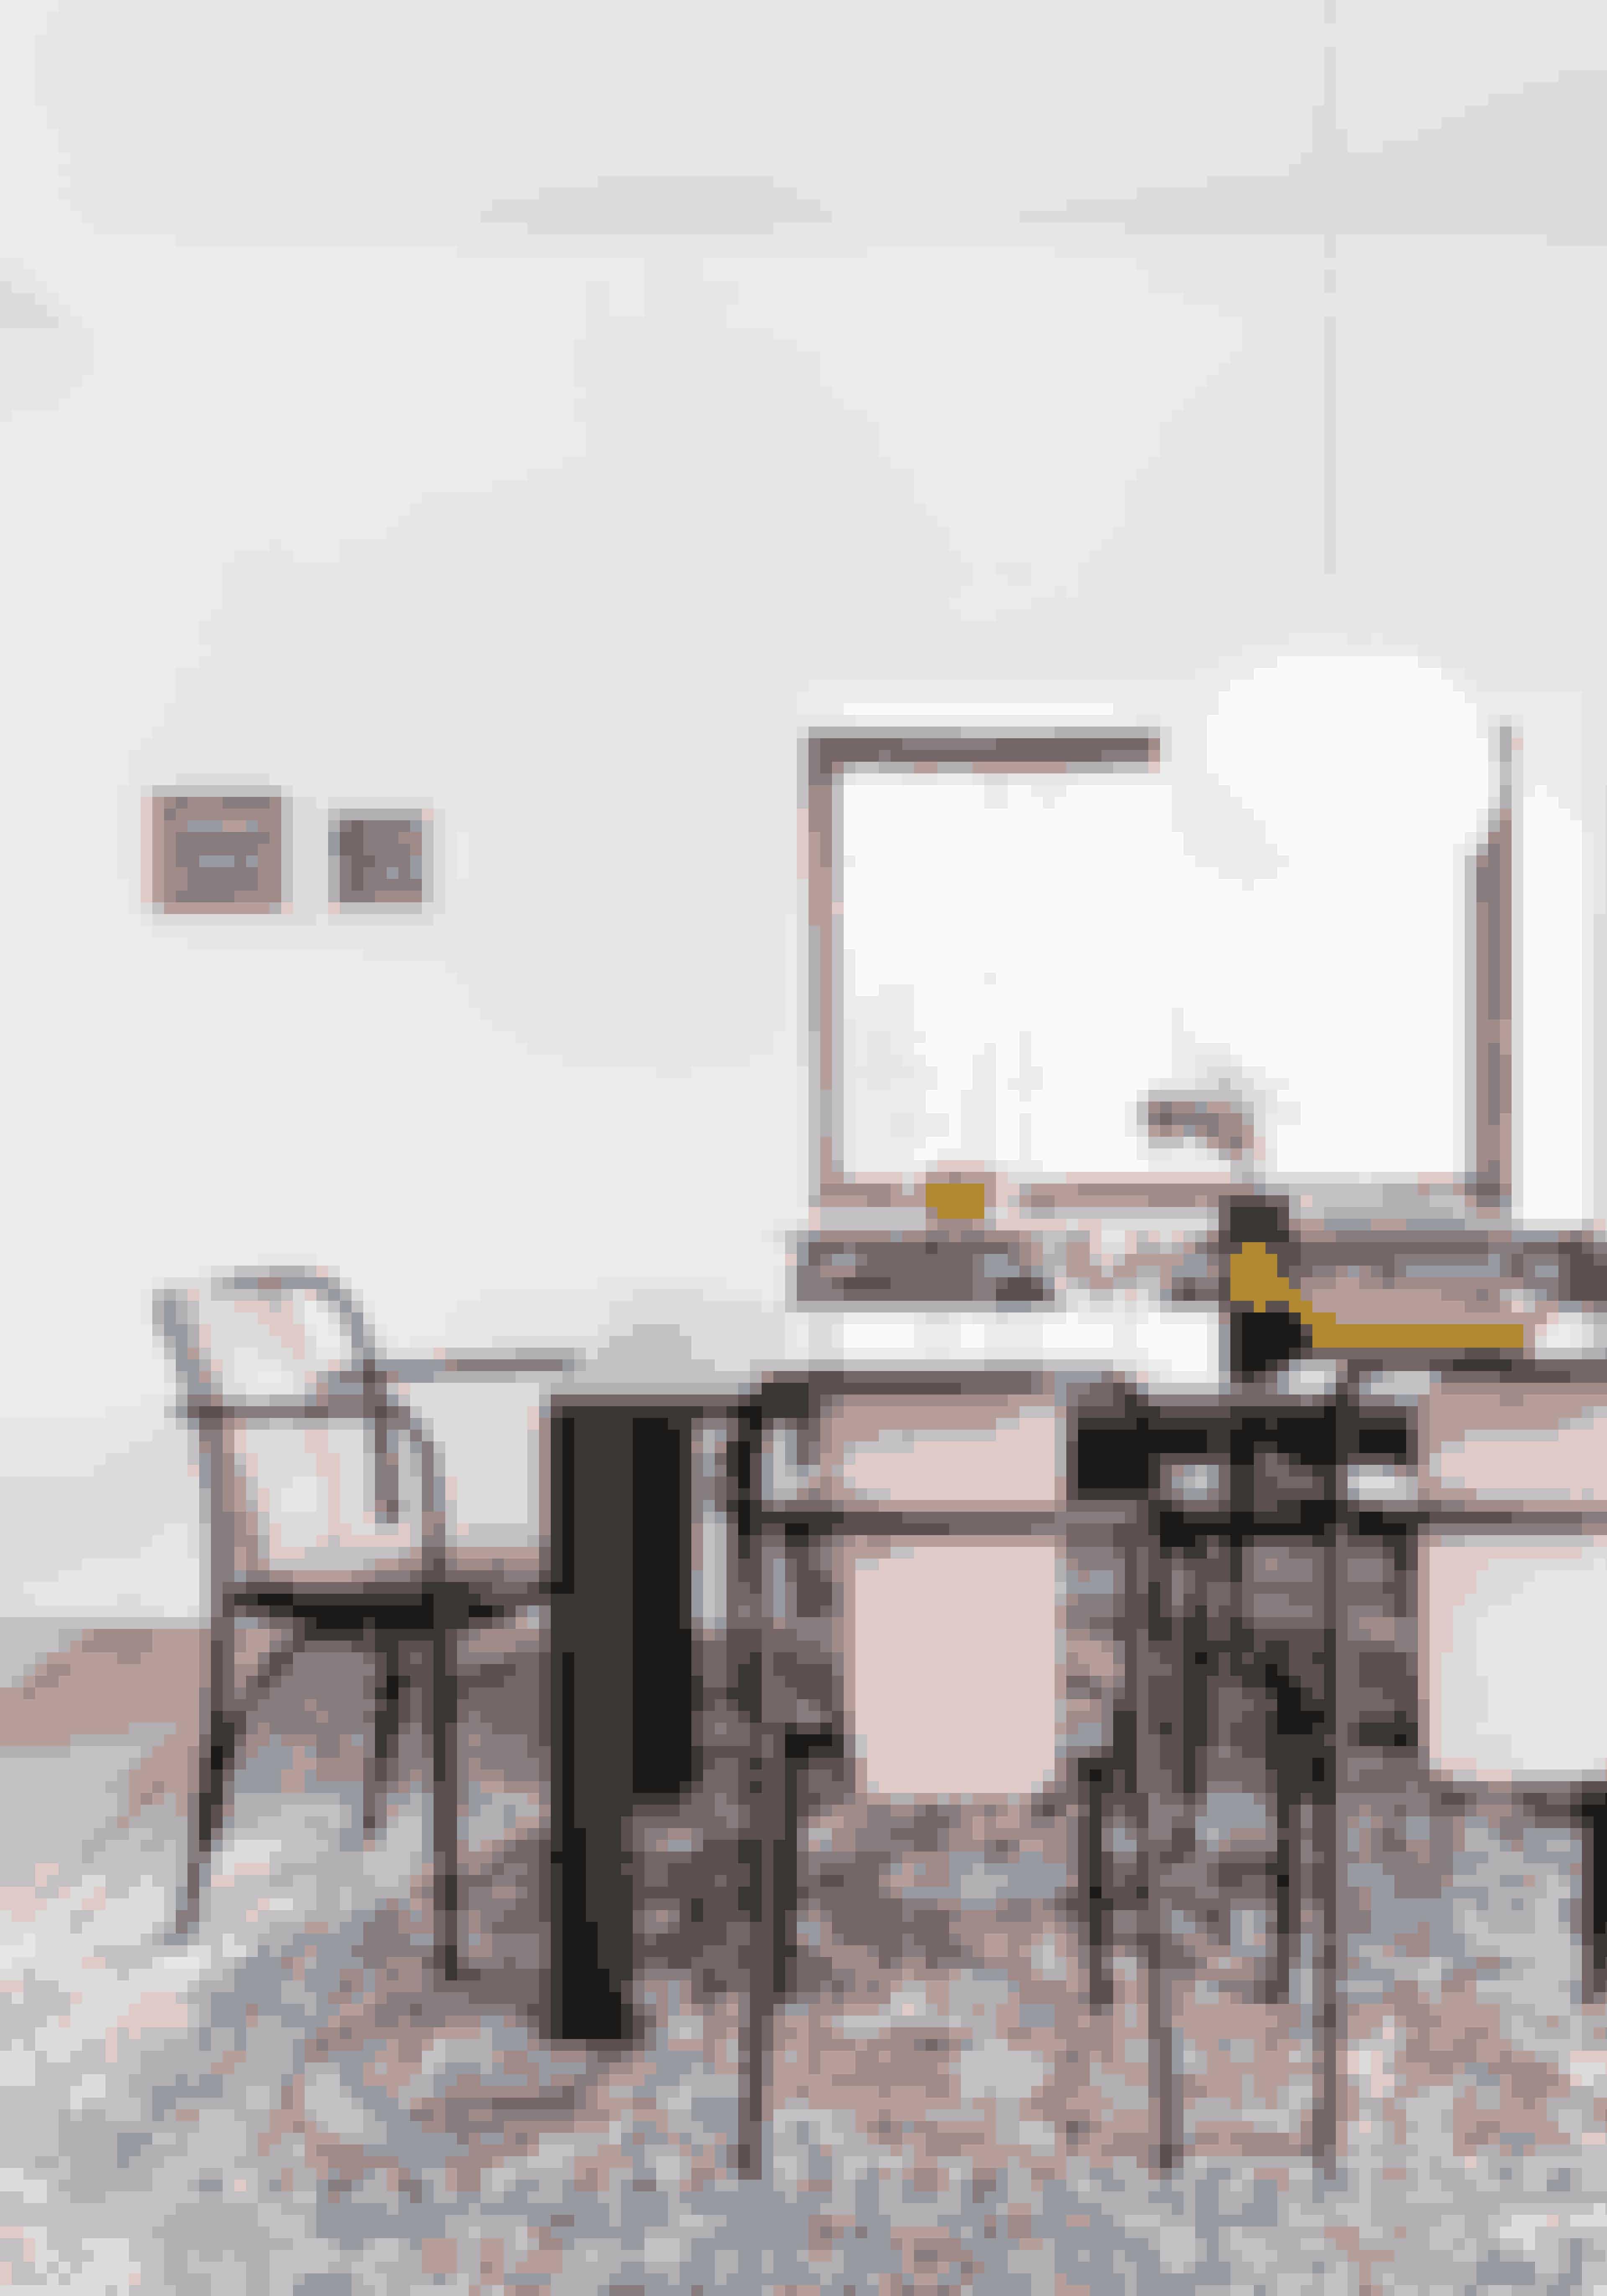 Indret med et stort gulvtæppe til at indramme spisebord og stole. Det gør pladsen hyggelig, så man gider sidde længe. Stolene med rosa tekstil er fra Thonet, spisebordet designet af Maurizio Peregalli er fra Casashop, og tæppet er arvet. Pendlen er fra Flos.